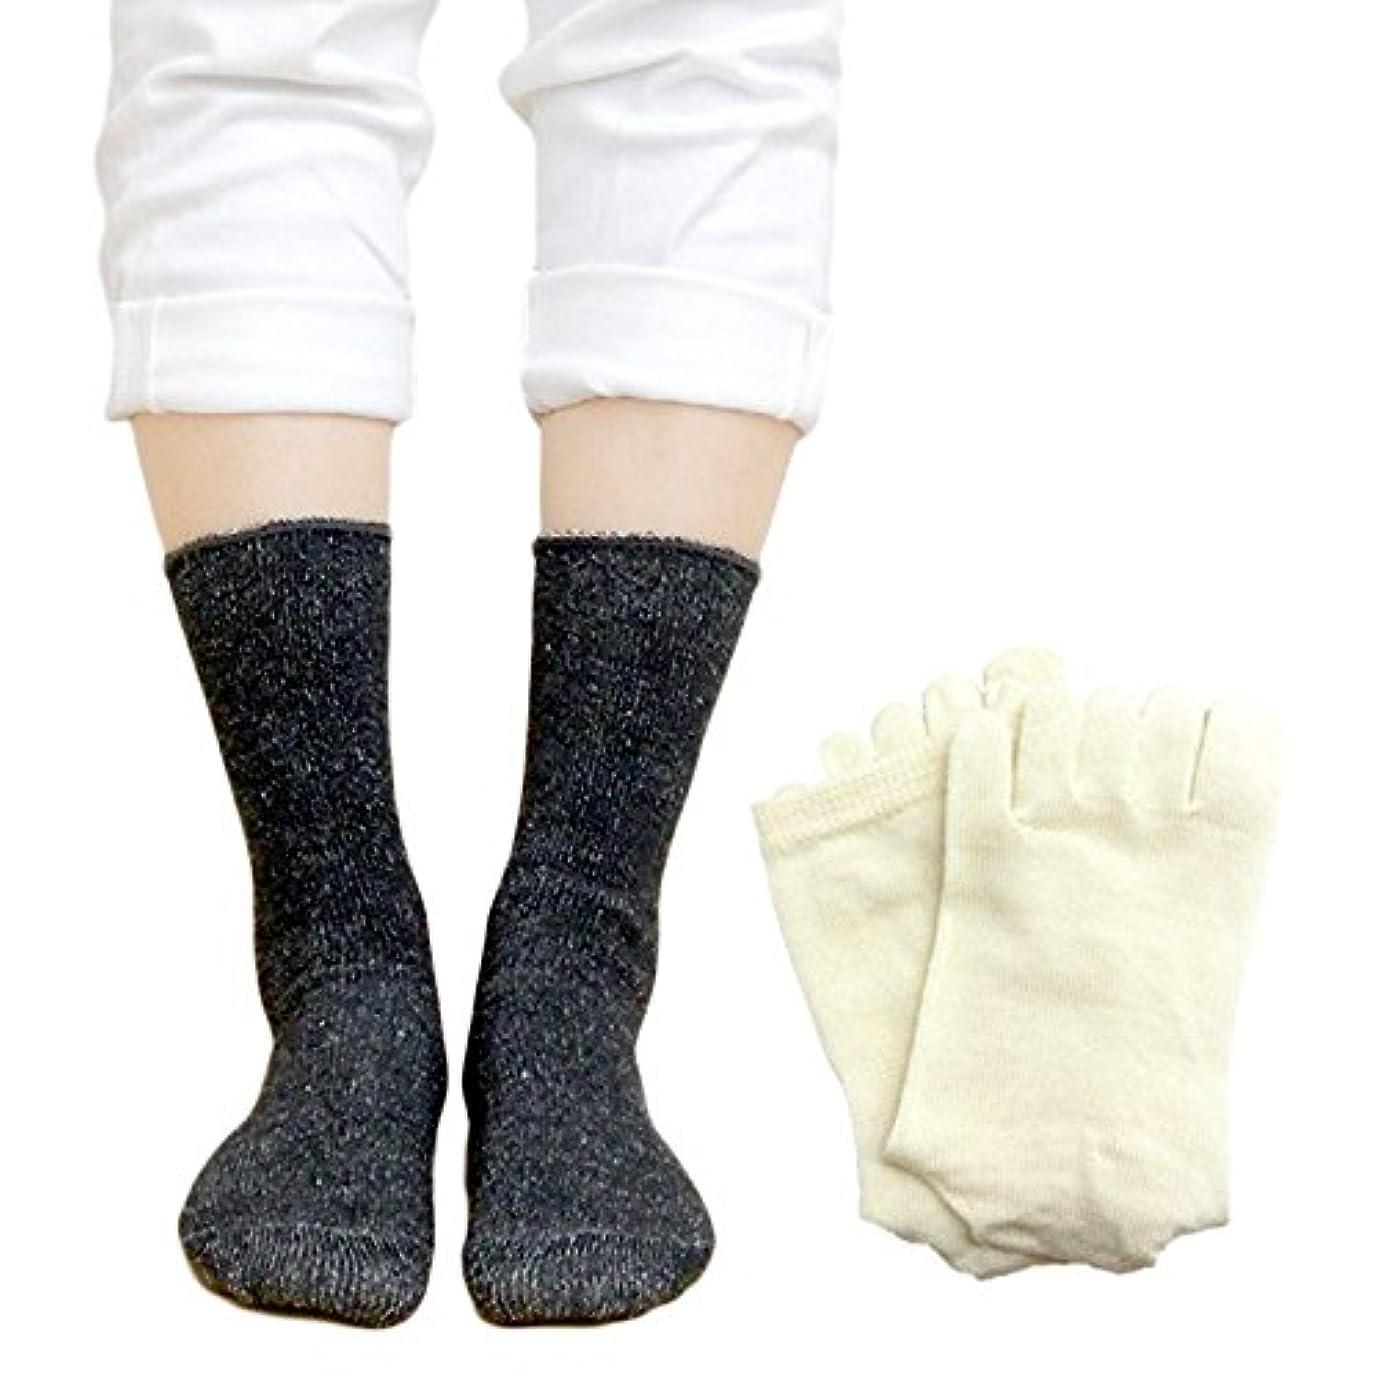 バタフライミント学士シルク ウール 先丸 ソックス & 5本指 ソックス 2足セット 日本製 23-25cm 重ね履き 靴下 冷えとり (23-25cm, チャコール)